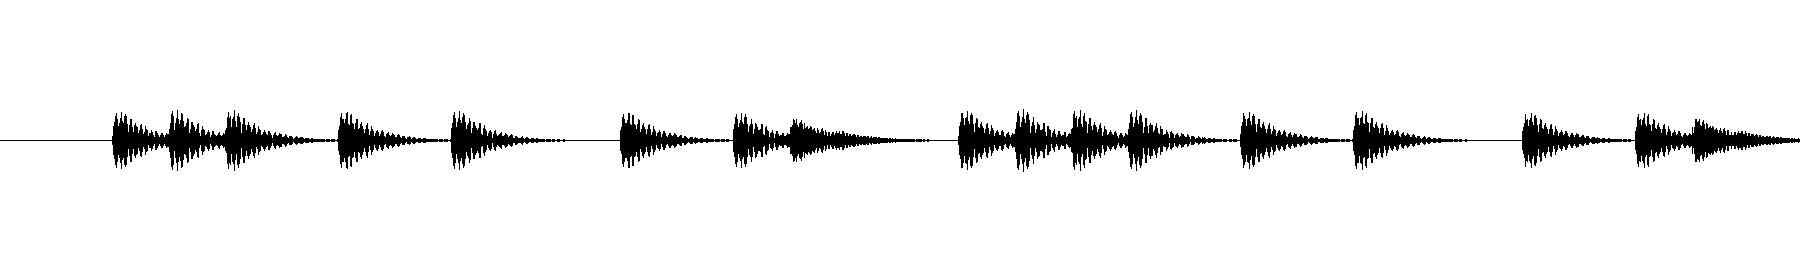 percloop9 115